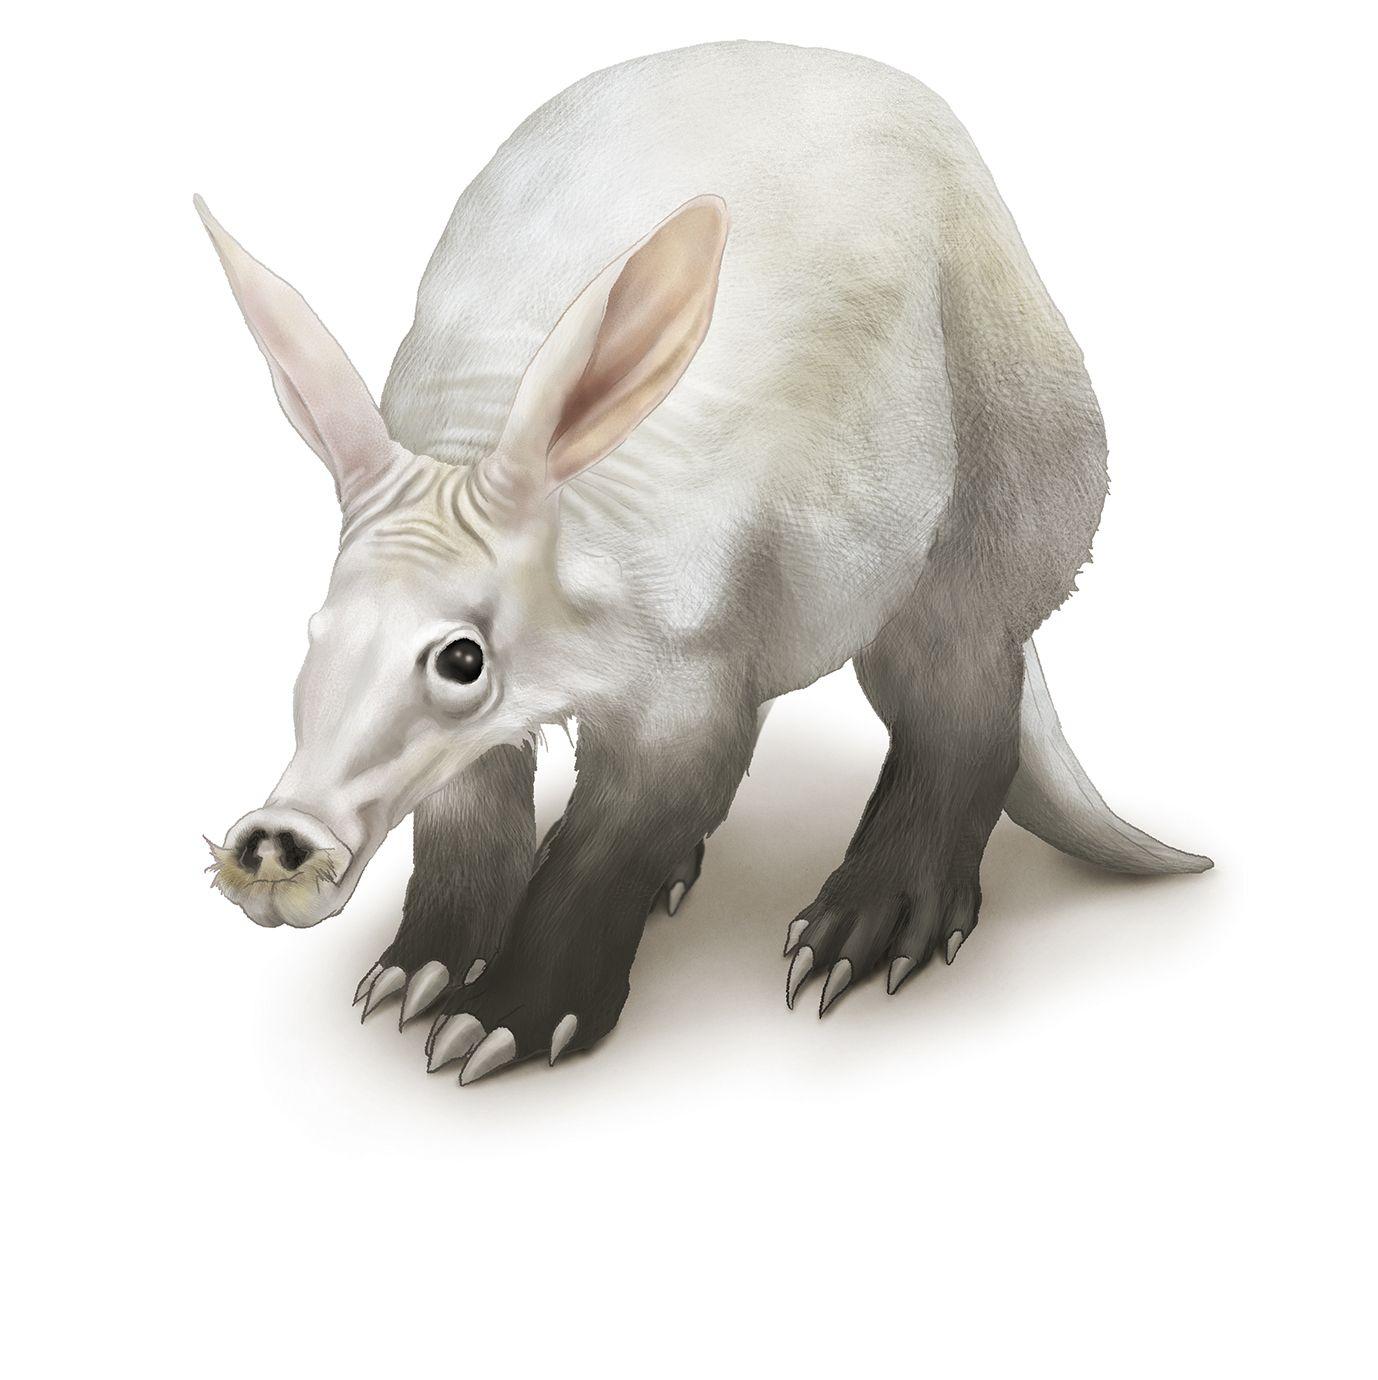 珍獣リアルイラスト:ツチブタ』 | リアル動物イラスト | pinterest